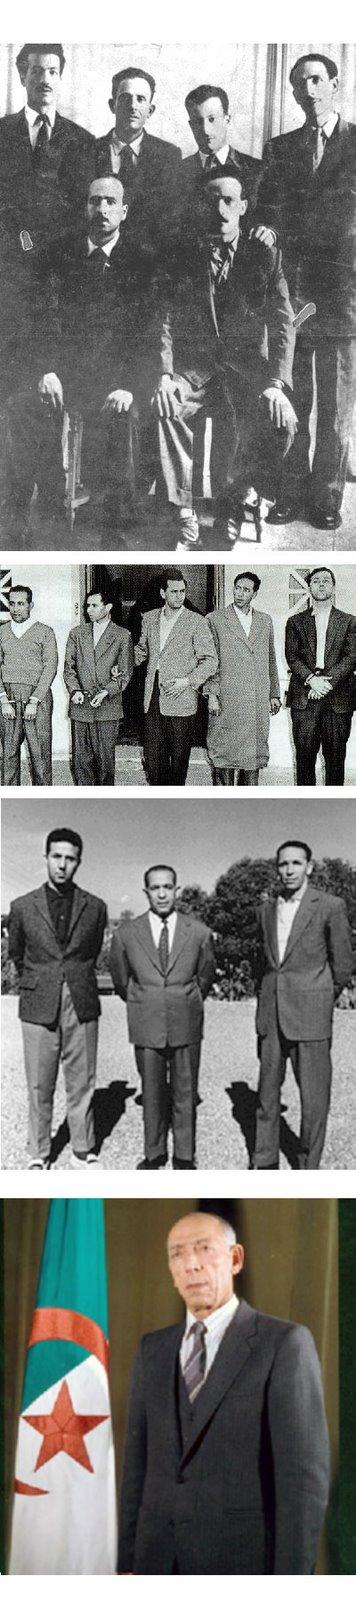 une pensée pour si el tayeb el watani. Mohamed Boudiaf dans Boudiaf(4) Mohammed+Bodiaf